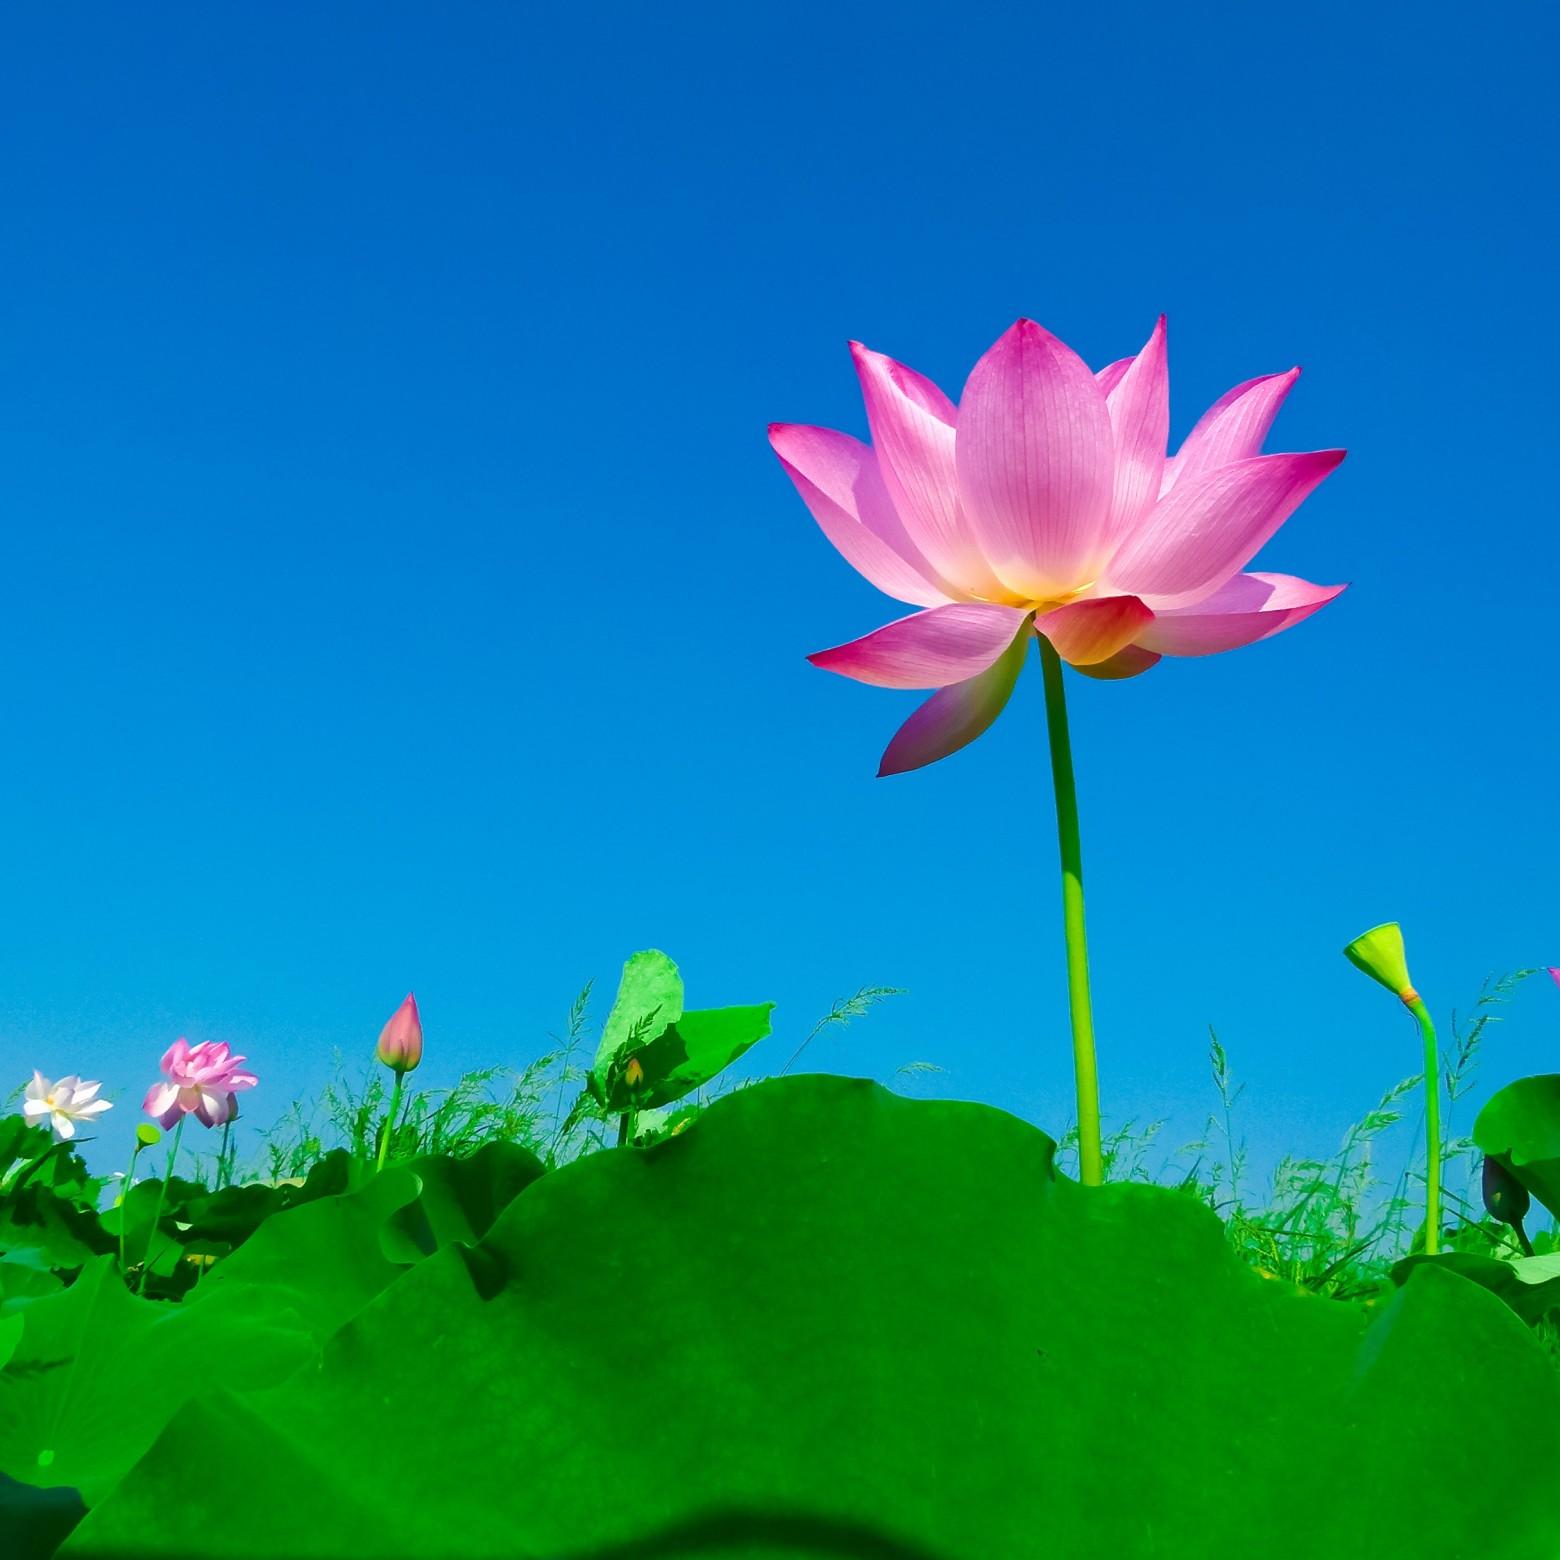 fleur de lotus images photos gratuites libres de droits images gratuites et libres de droits. Black Bedroom Furniture Sets. Home Design Ideas